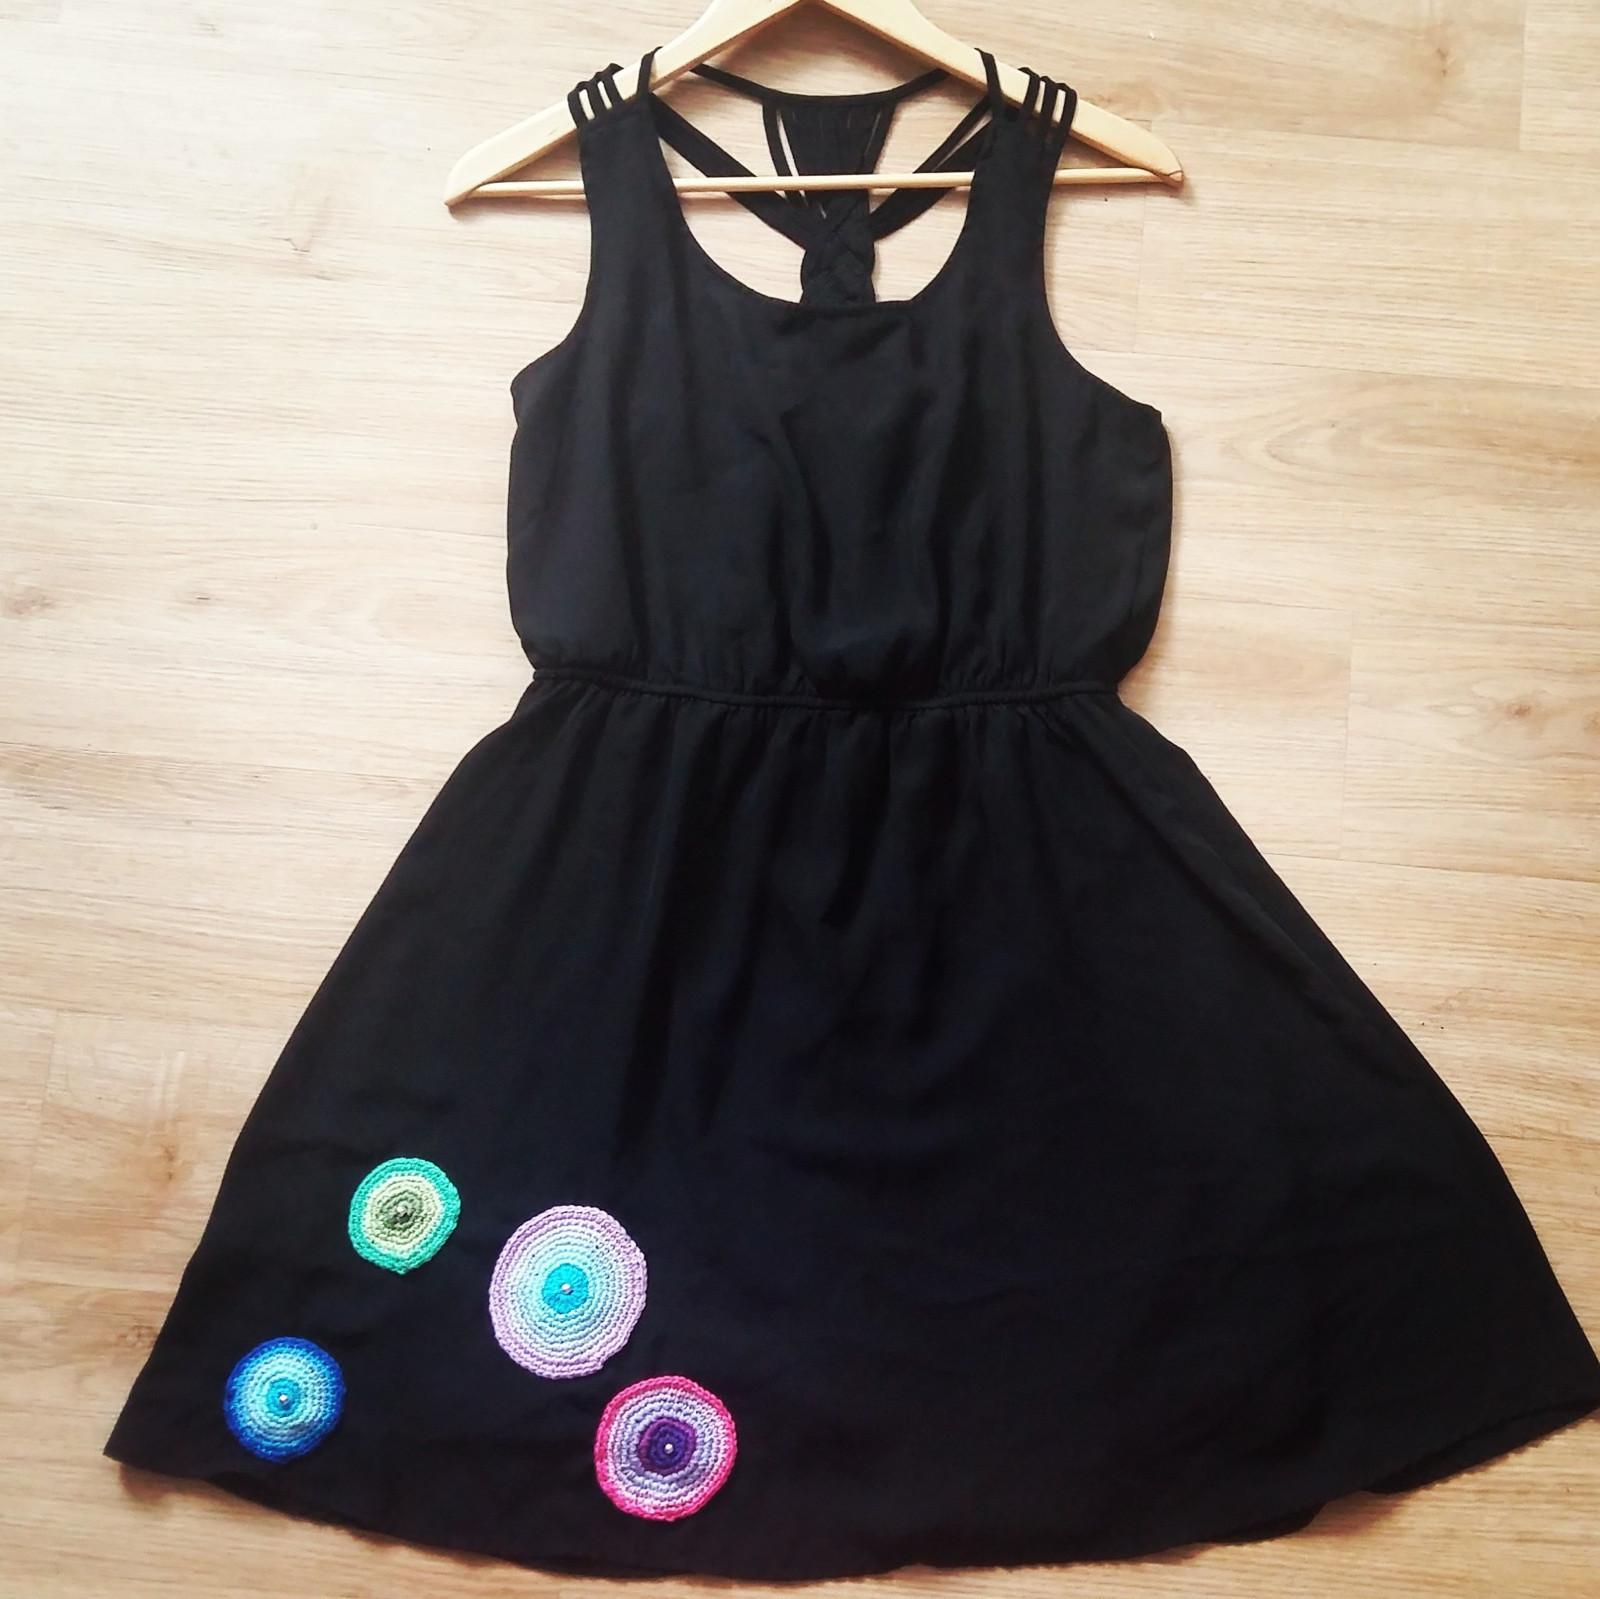 Černé šaty s háčkovanou aplikací  skladem   Zboží prodejce dolela ... b8a7dd5eb5